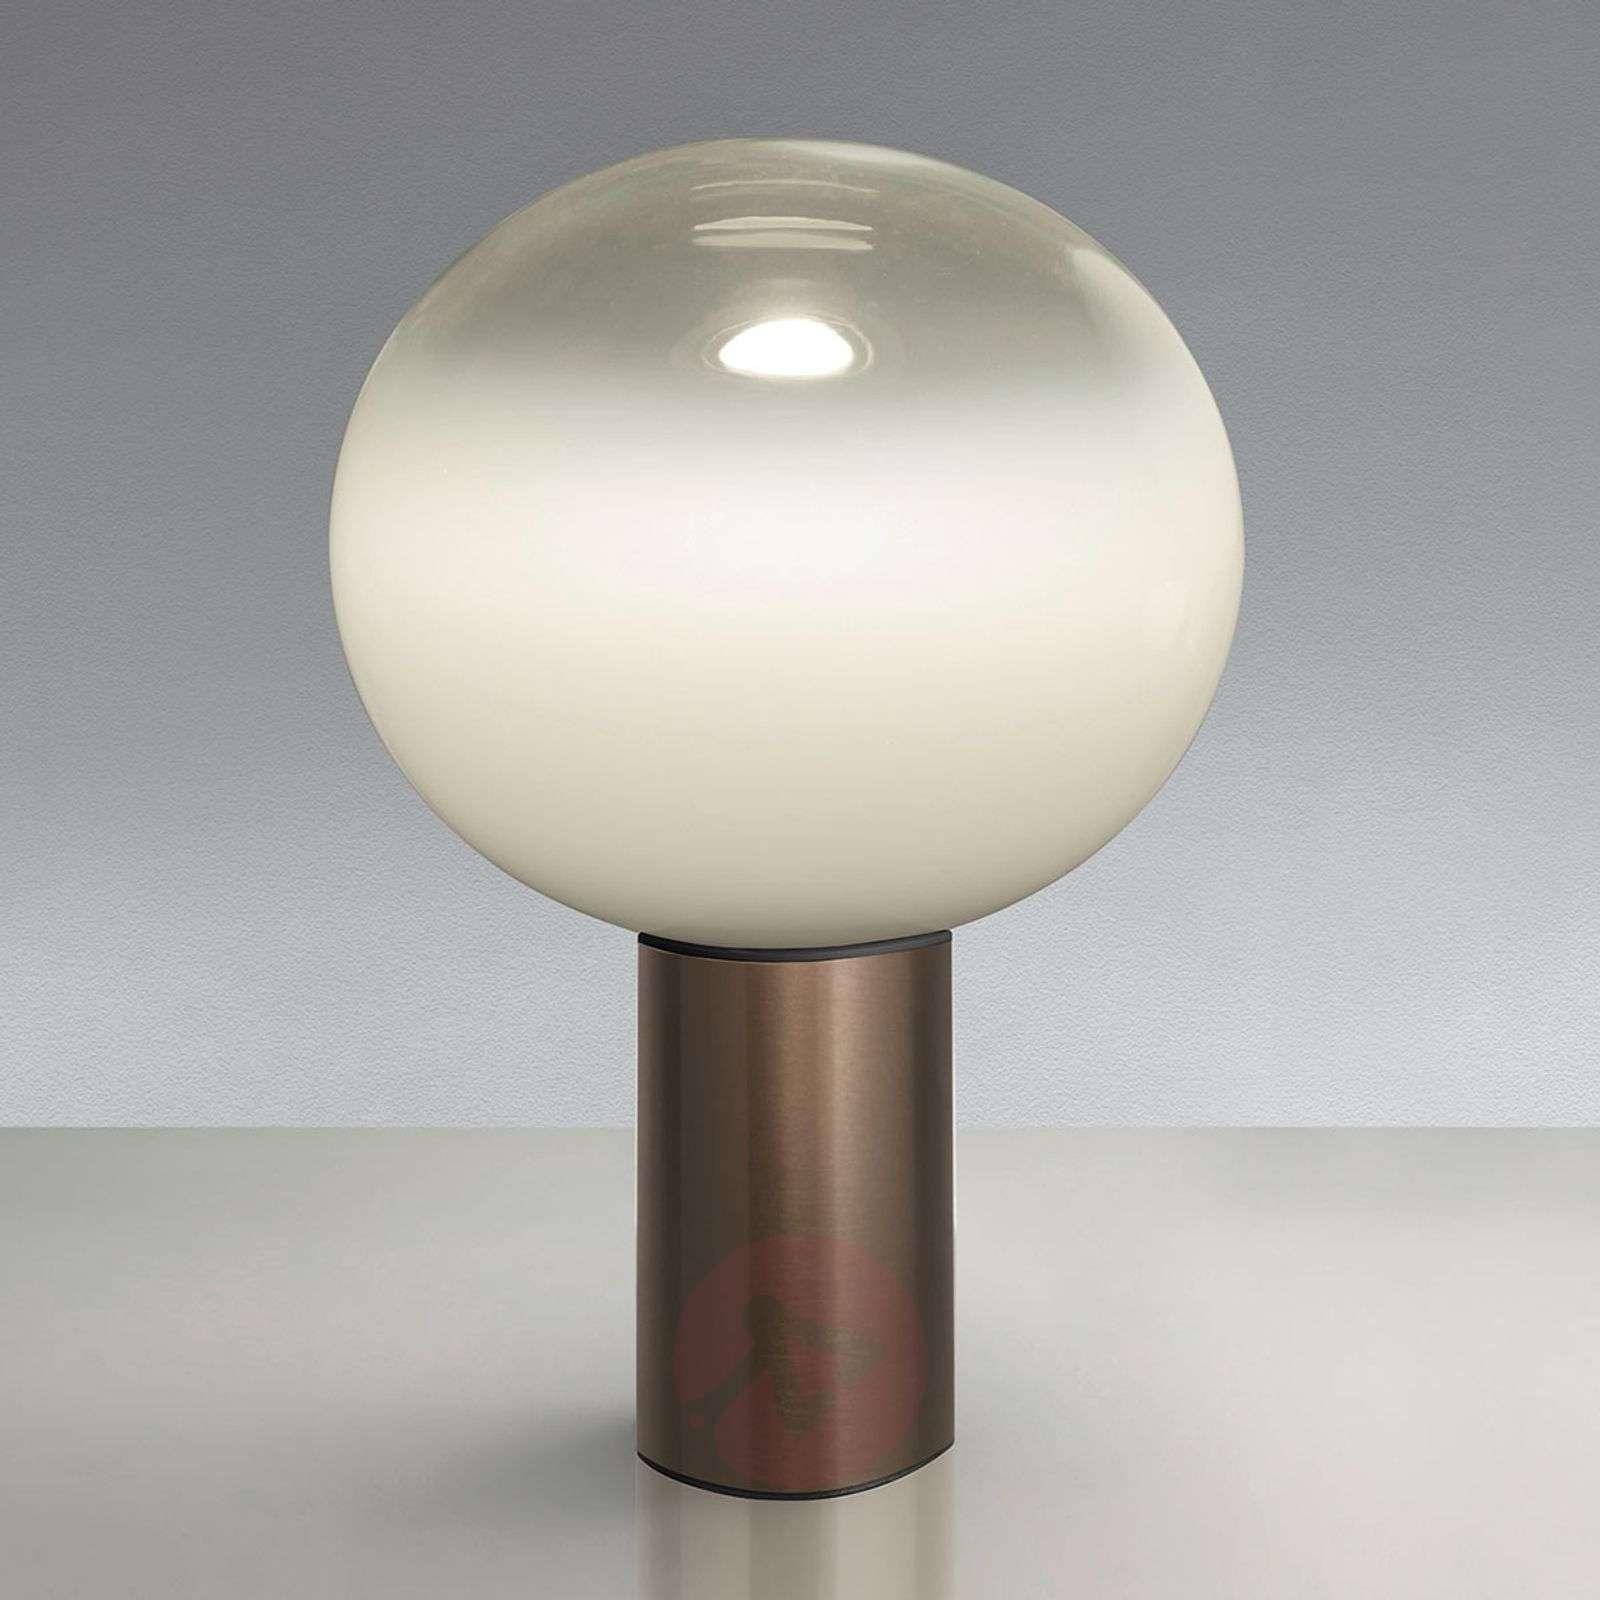 Artemide Laguna 26 table lamp-1060174X-01